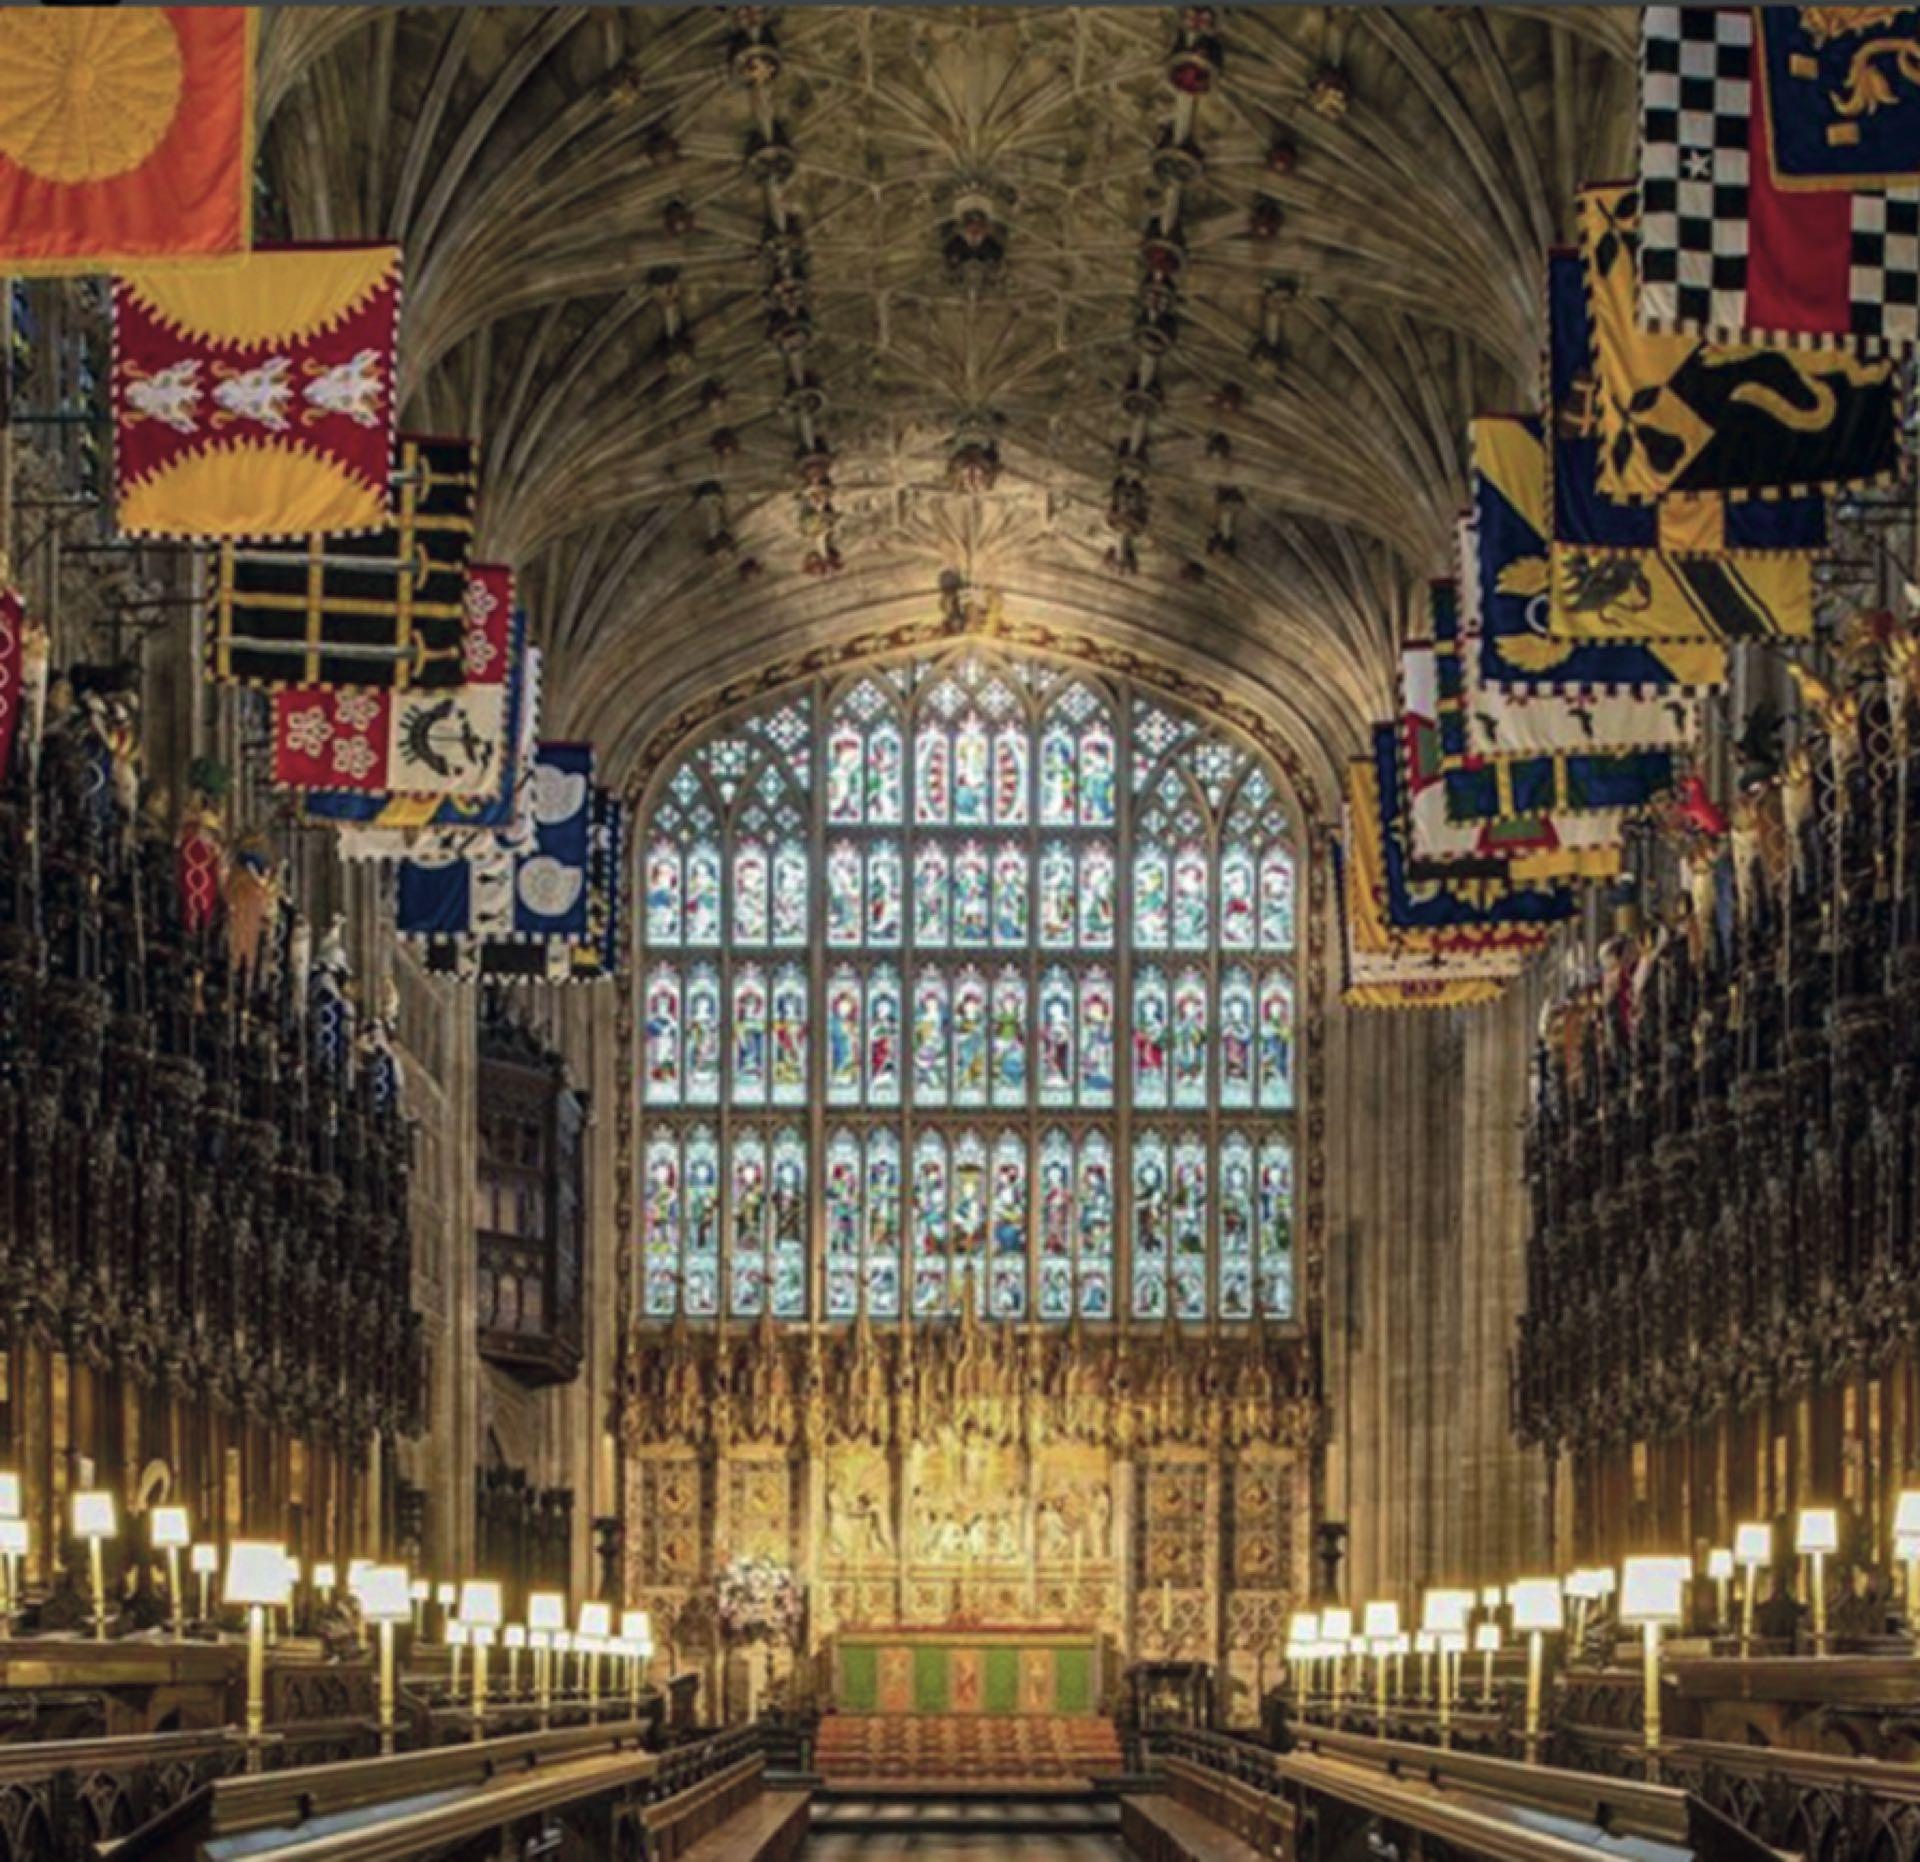 xCuándo y dónde. El 19 de mayo a las 12 PM en la capilla de St. George, en el castillo de Windsor, donde Harry fue bautizado en 1984.